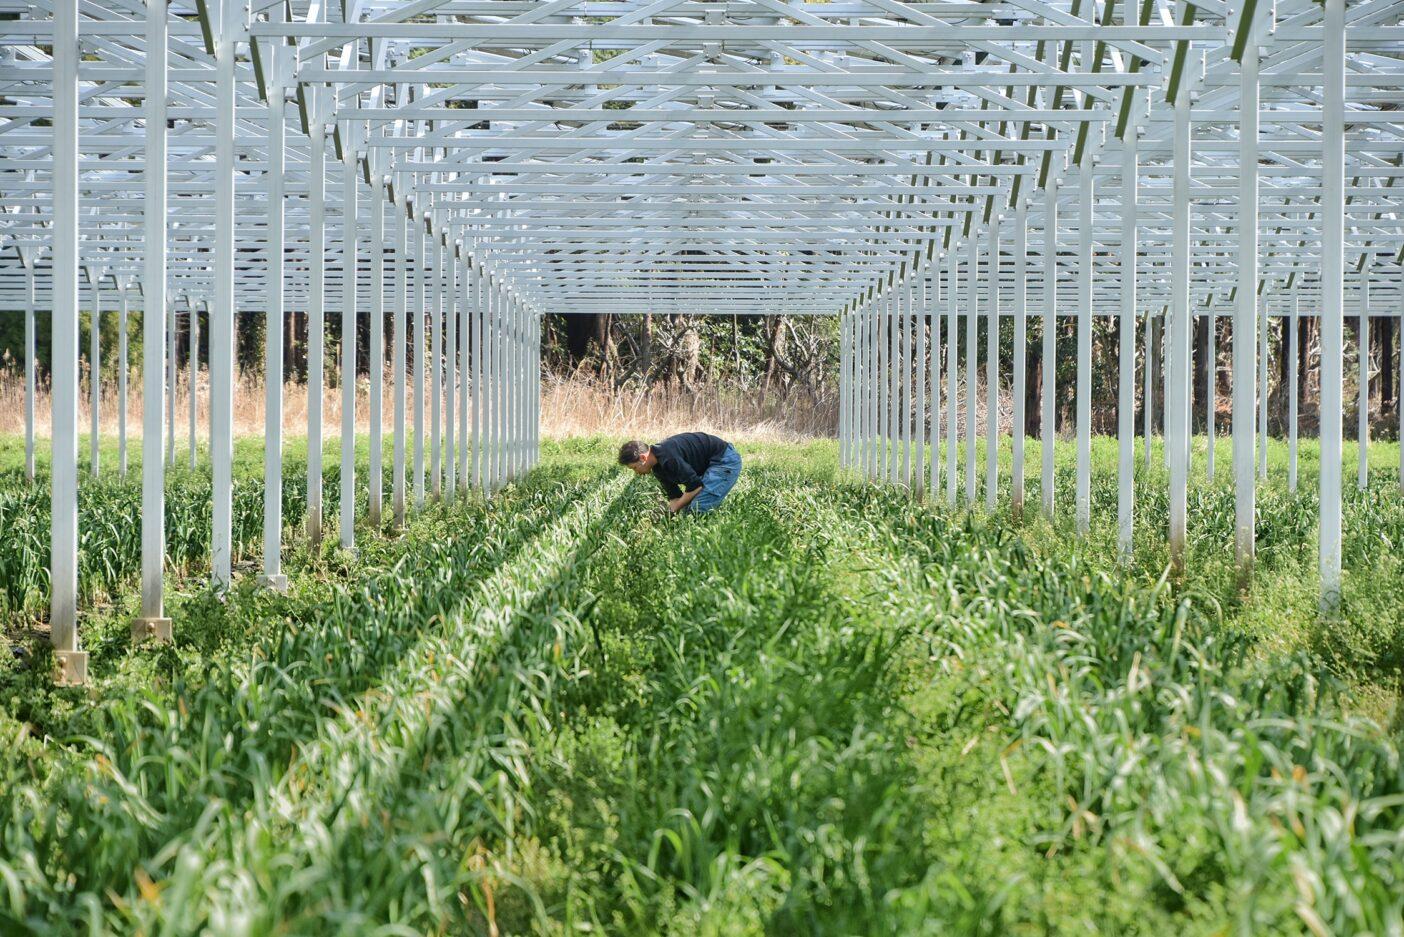 千葉県千葉市のこの農場では、若手農業者たちがニンニクを栽培しています。土地がかぎられている日本では、ソーラーシェアリングは既存のスペースを利用するため有効で、森林伐採のような方法で新しい場所を開発する必要もありません。責任ある農業とクリーンエネルギーの生成が共存することで、化石燃料への依存を減らし、健康的な食品を提供することを超えた、良いことが起こります。写真:馬上 丈司